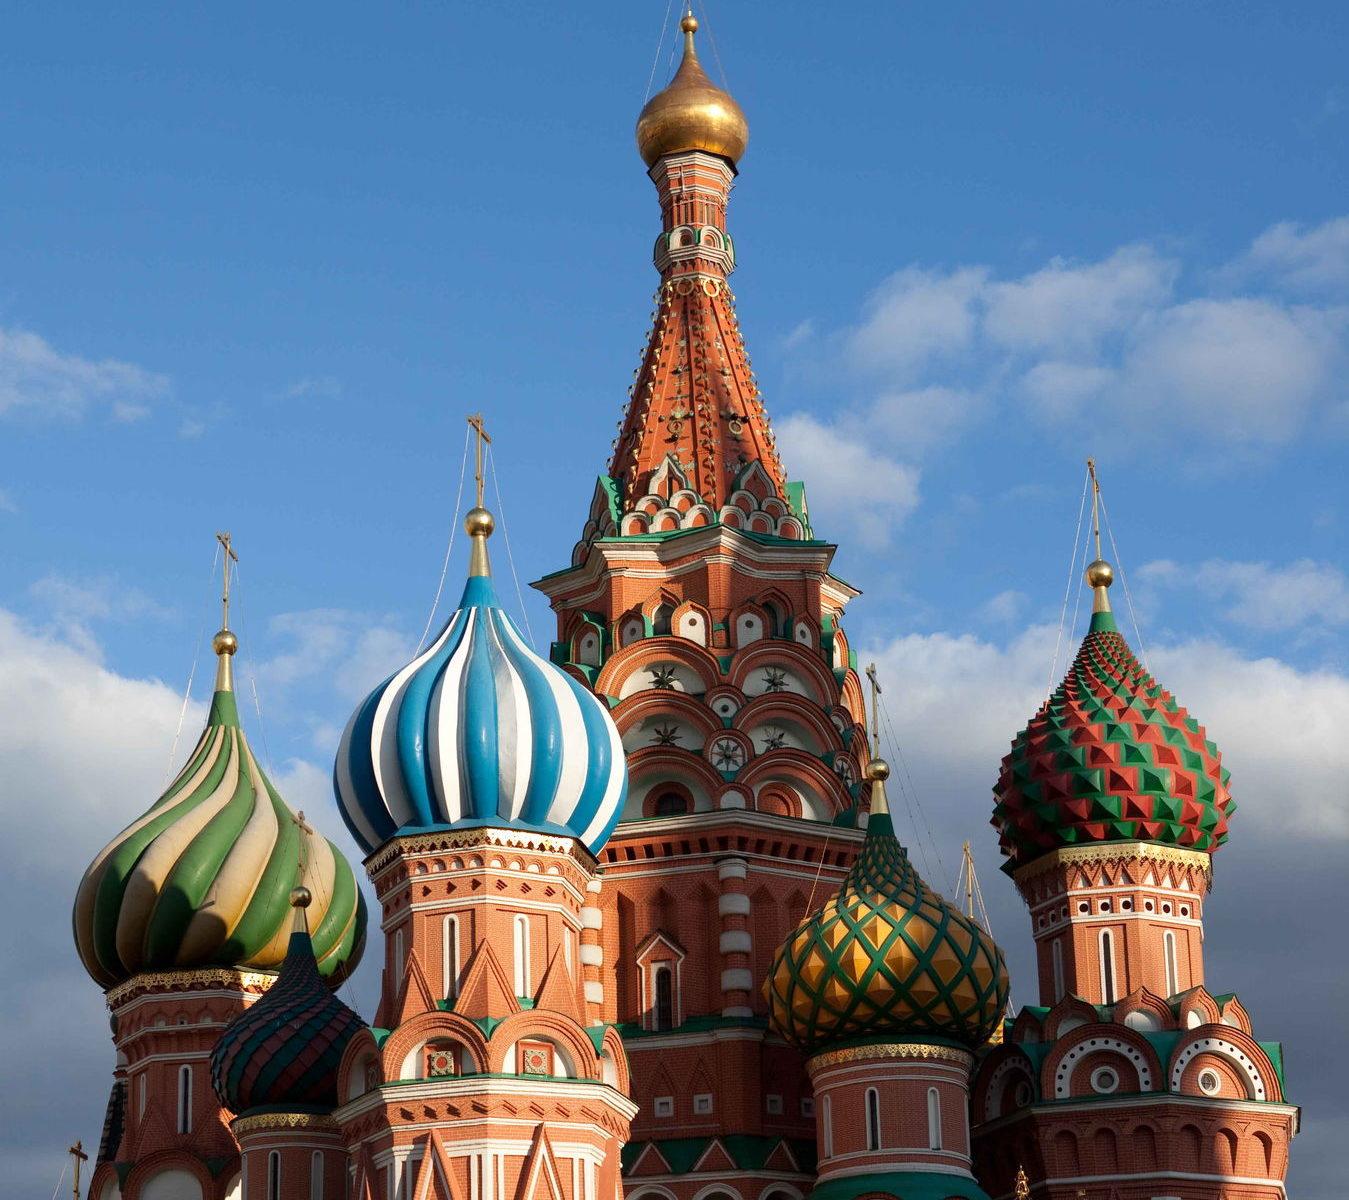 Фасады Покровского собора, покрытые росписью под кирпич